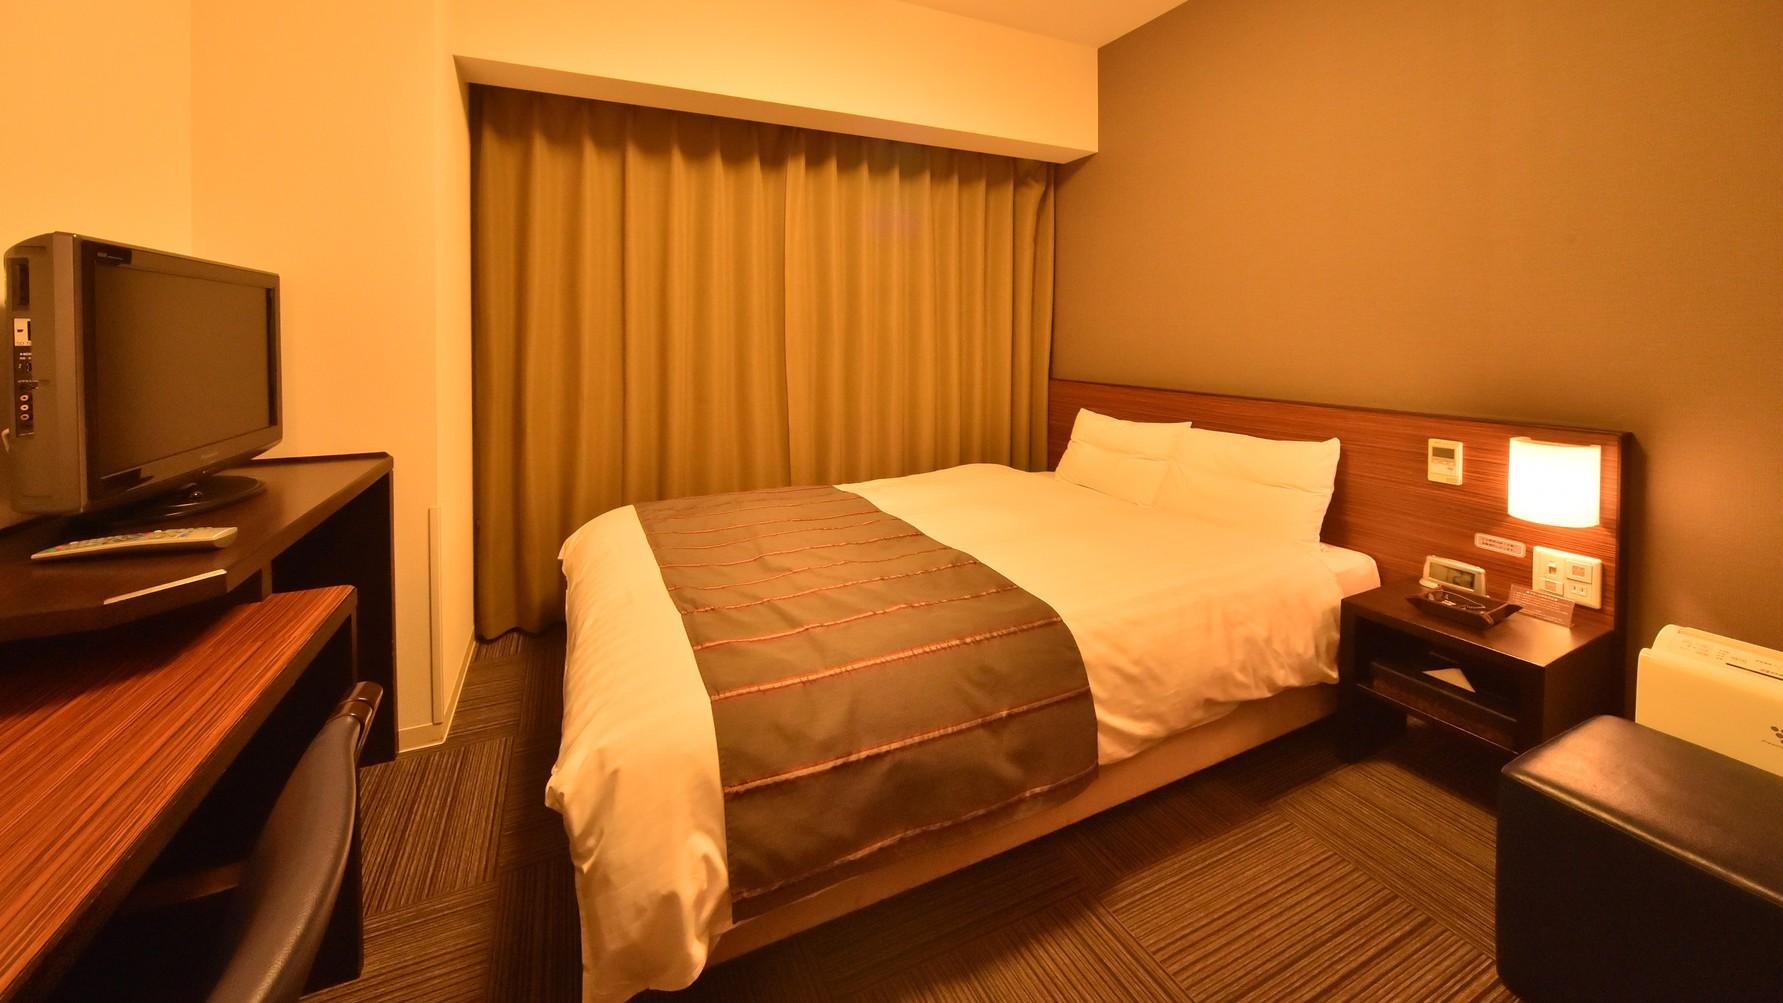 ◆ダブルルーム15平米:ベッドサイズ14001950:定員大人1名〜2名まで